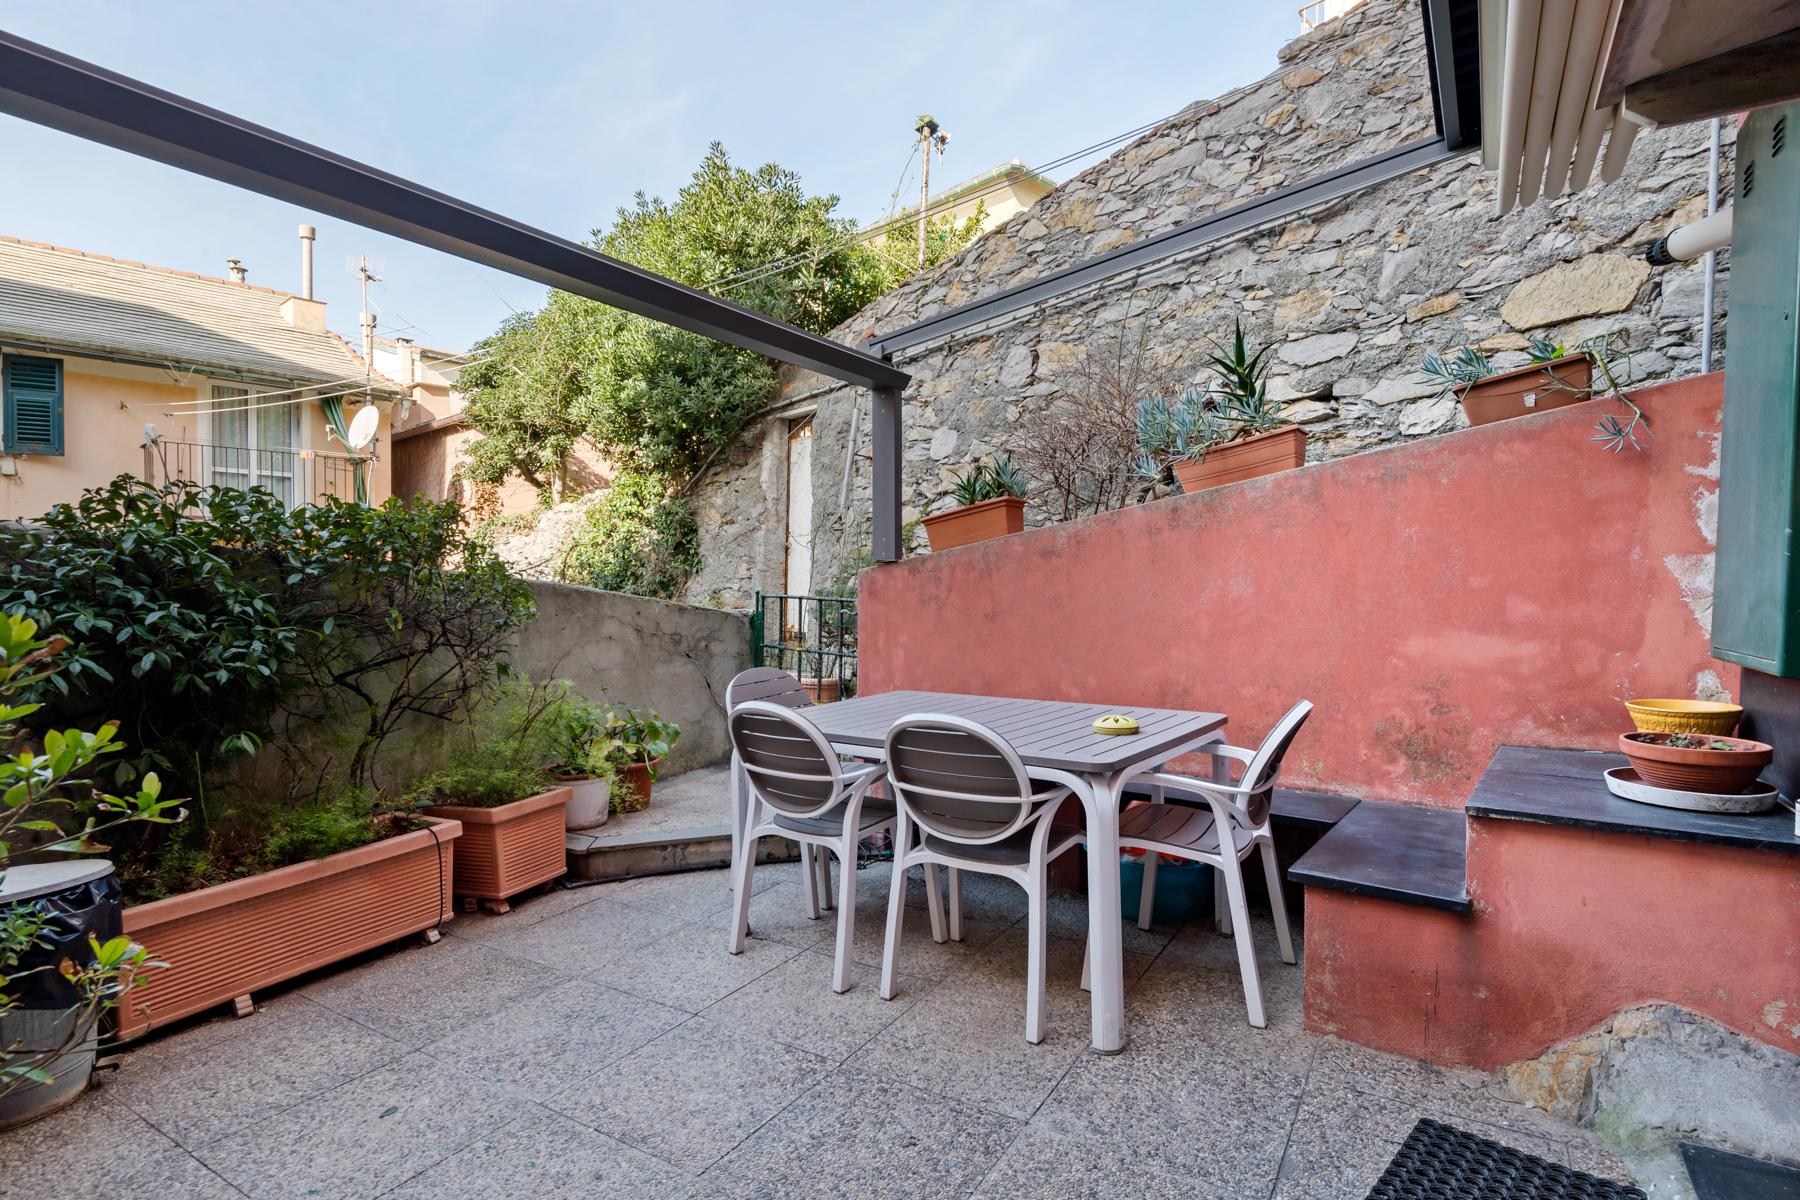 Casa indipendente in Vendita a Genova: 5 locali, 150 mq - Foto 12